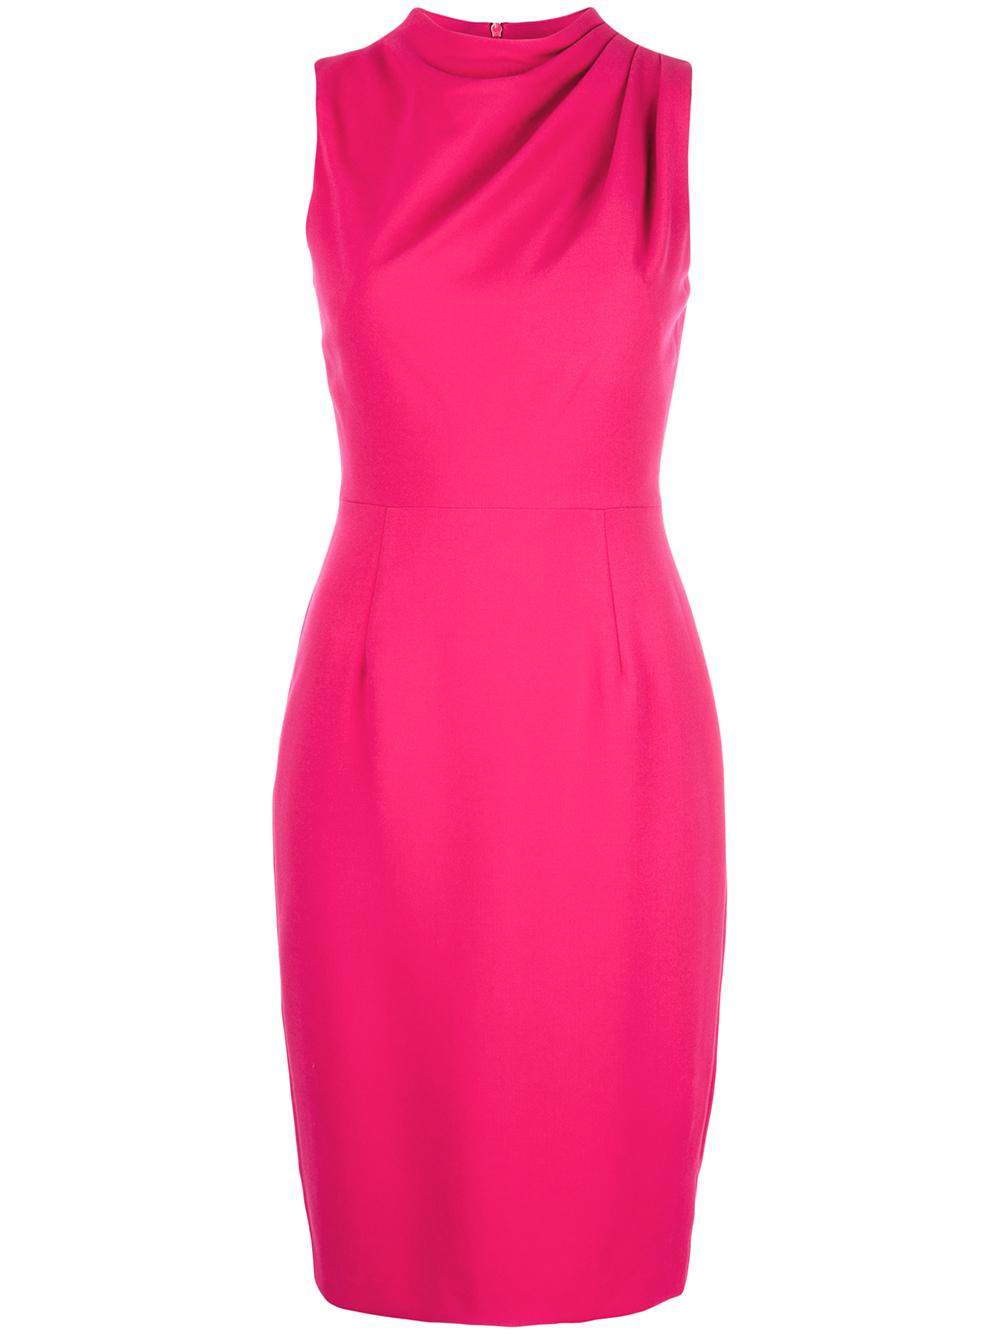 Corrine Sheath Dress